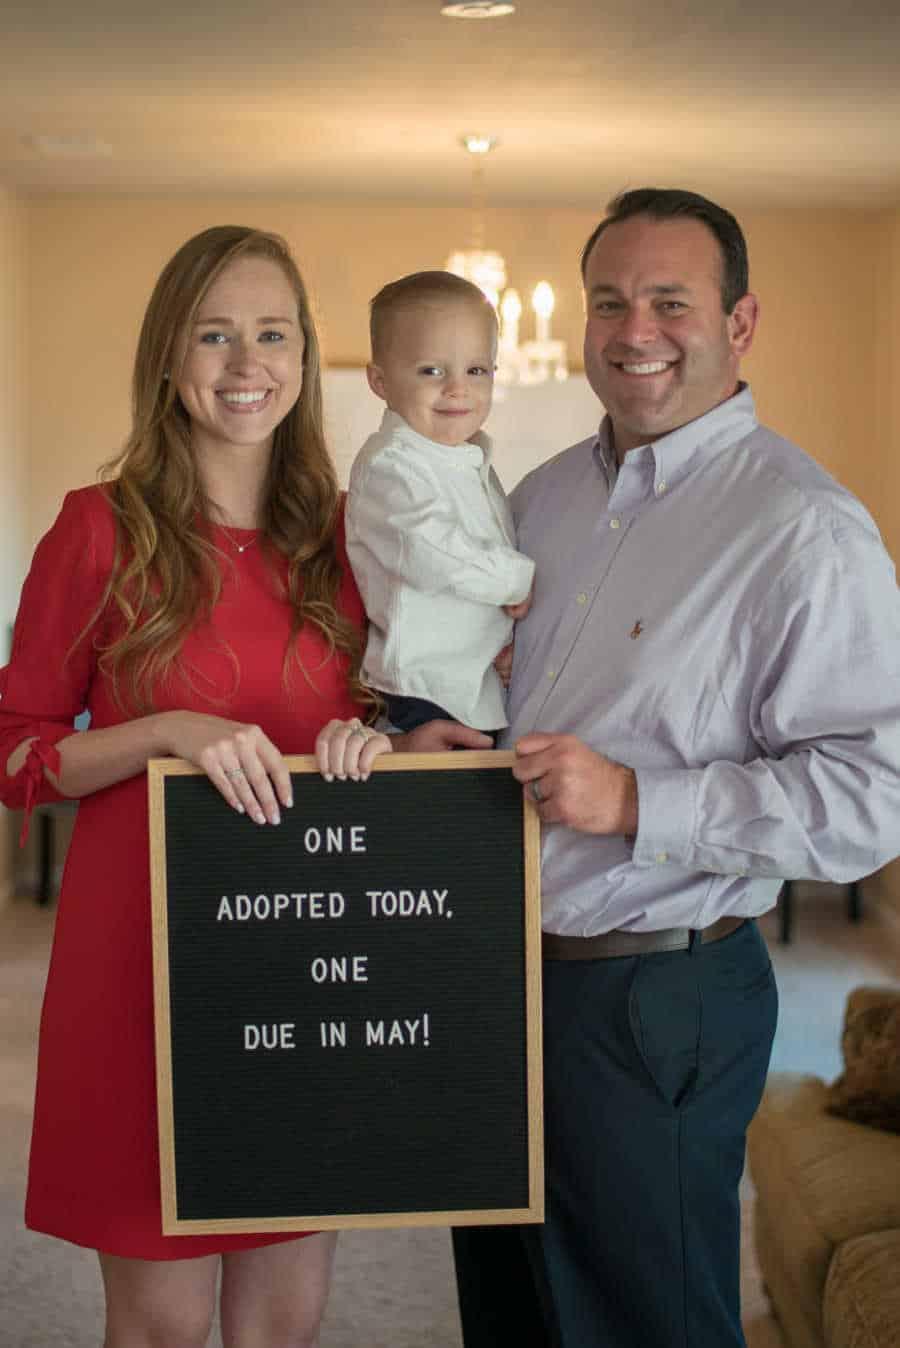 Os pais Chas e Katie junto do bebê Jett